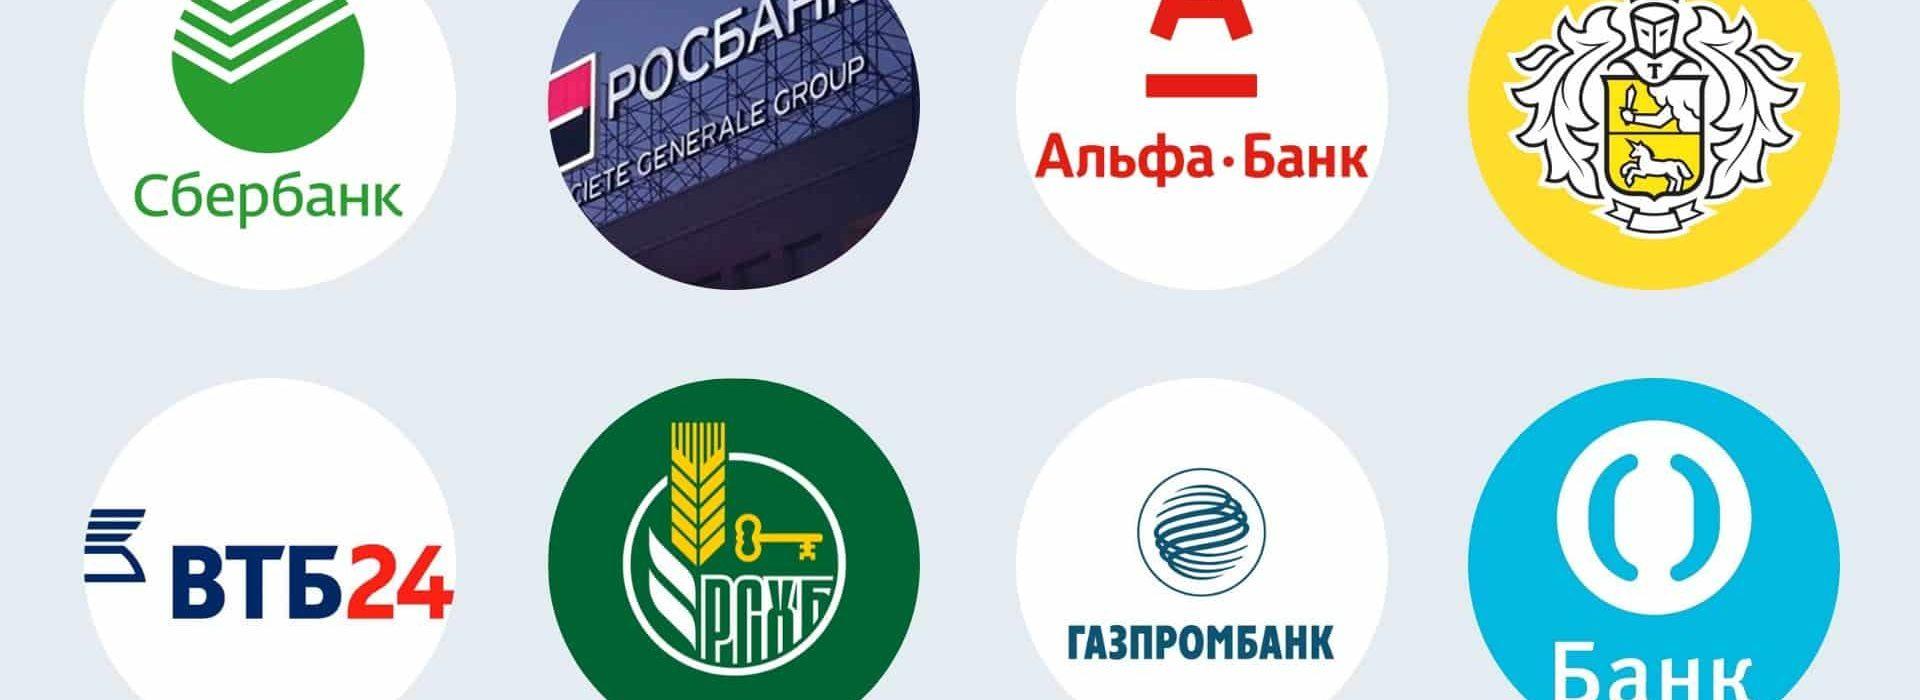 Банки в России список 2021